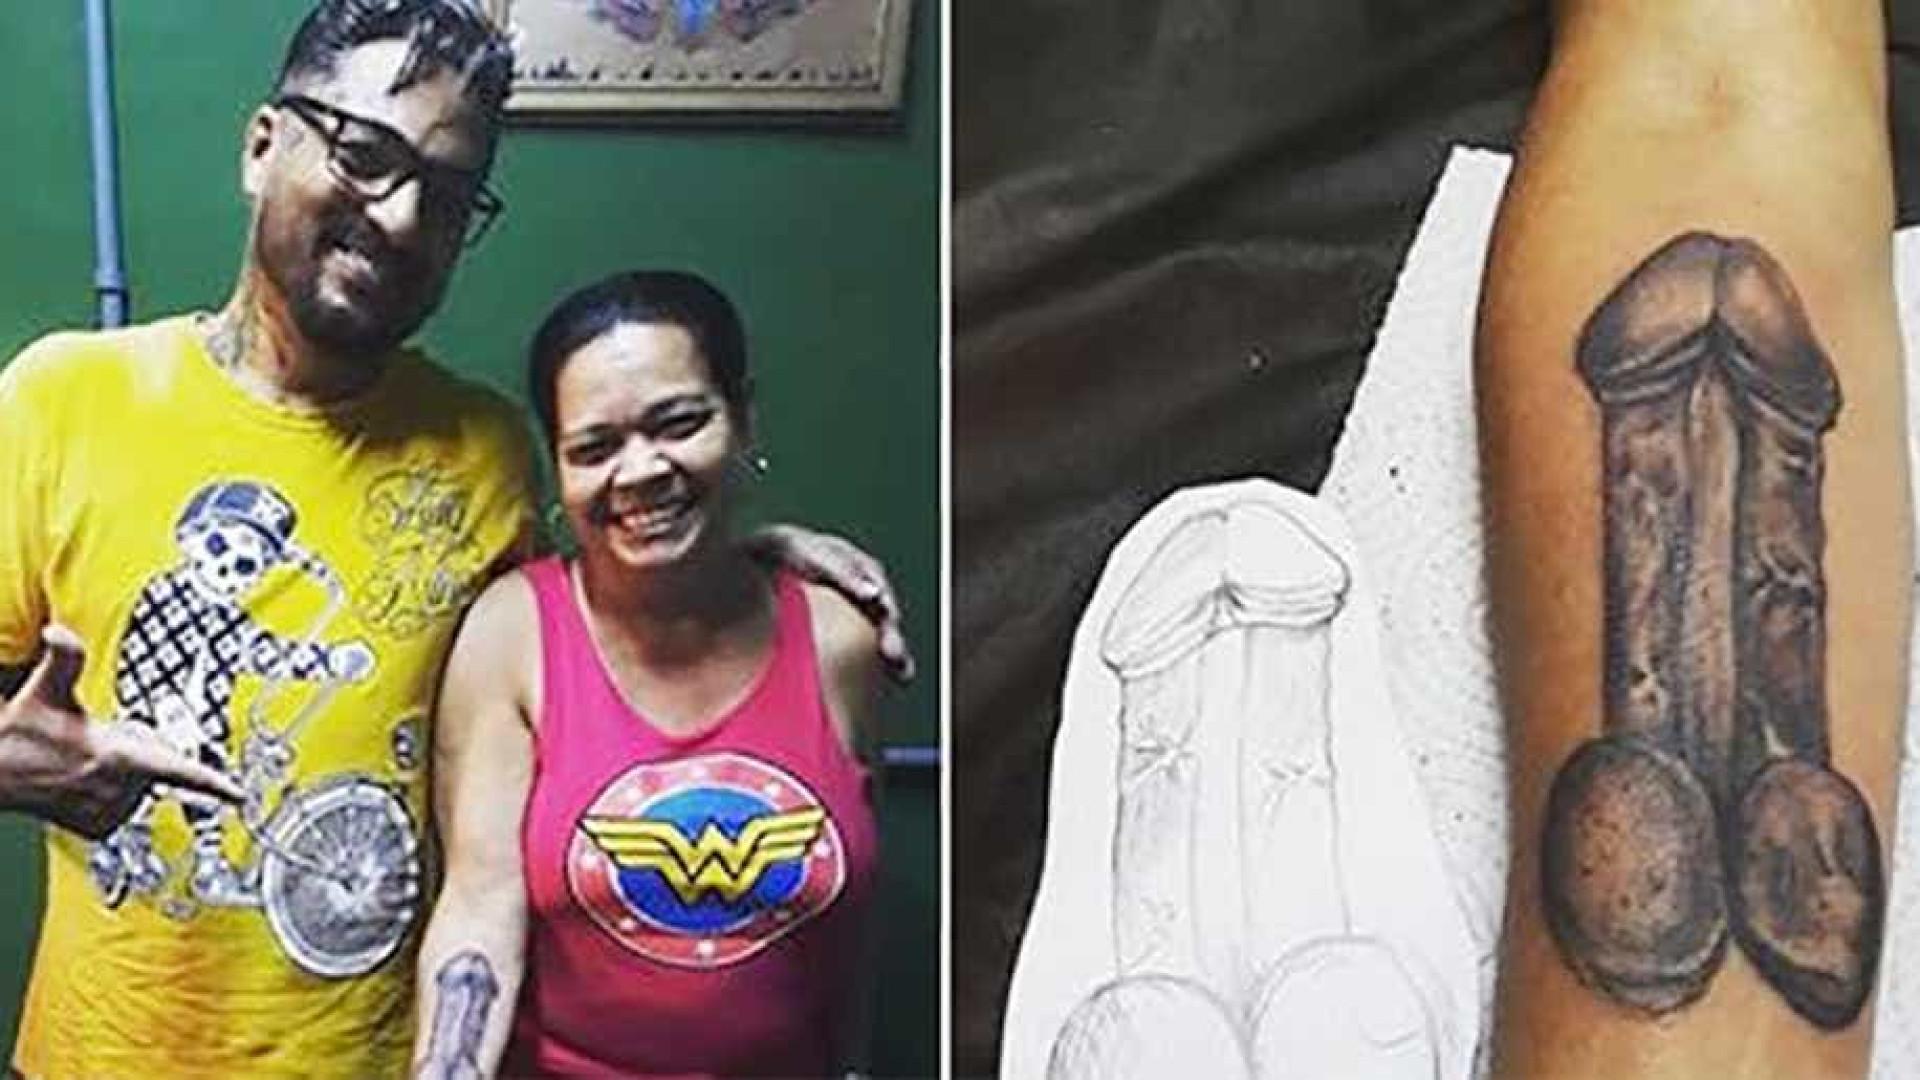 Mulher de 53 anos faz tatuagem de pênis no braço: 'O corpo é meu'